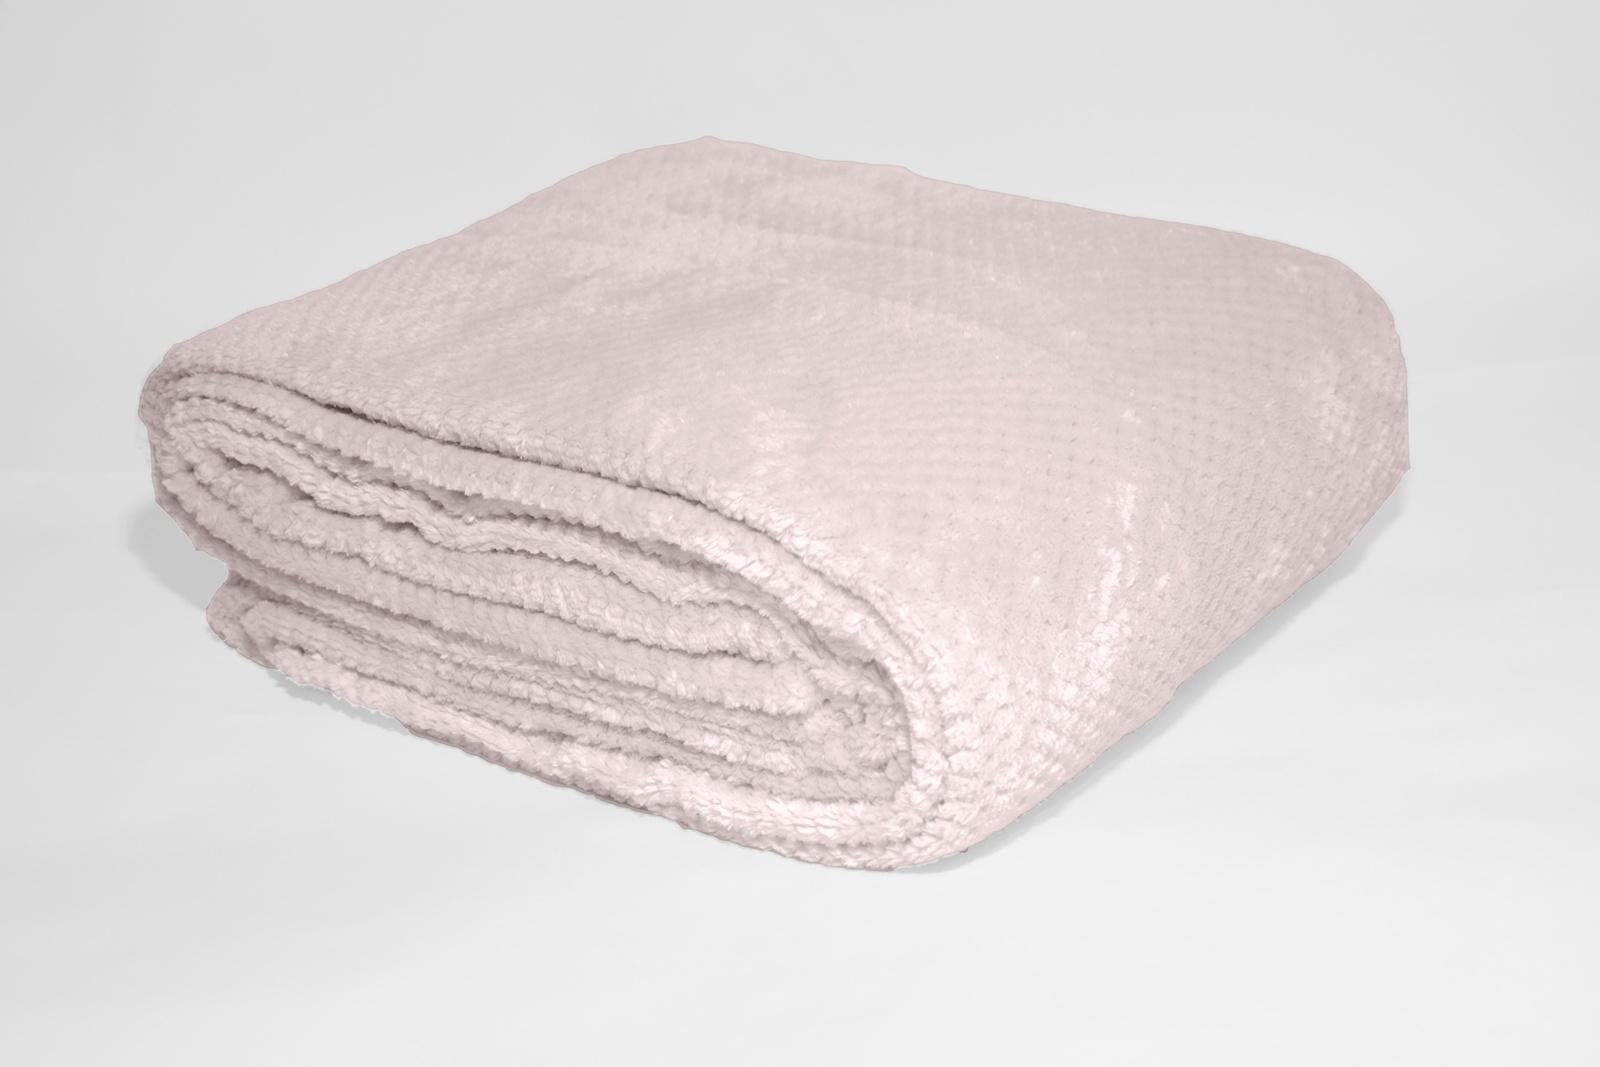 Плед Tivolyo home FAVO SOFT, пудровый, светло-розовый1234T10011179Пледы Tivolyo коллекции Favo Soft – нега прикосновения. Невероятно тактильный и теплый, вы не будете с ним расставаться, закутавшись в него вы ощутите невероятную нежность. Выдержанные постельные цвета коллекции Favo Soft и стильный фактурный дизайн, идеально впишутся в ваш интерьер. Коллекция выполнена из очень прочного материала Микрофибра, прекрасно выдерживает многократные стирки, не меняет цвет, стоек к загрязнениям и истиранию, плед прослужит вам долгое время.Tivolyo home – элитный бренд турецкого текстиля, зарекомендовавший себя в России с 1992 года. Tivolyo home – это 100% гарантия качества.Пледы Tivolyo коллекции Favo Soft выпускается в прозрачной ПВХ сумке на молнии.